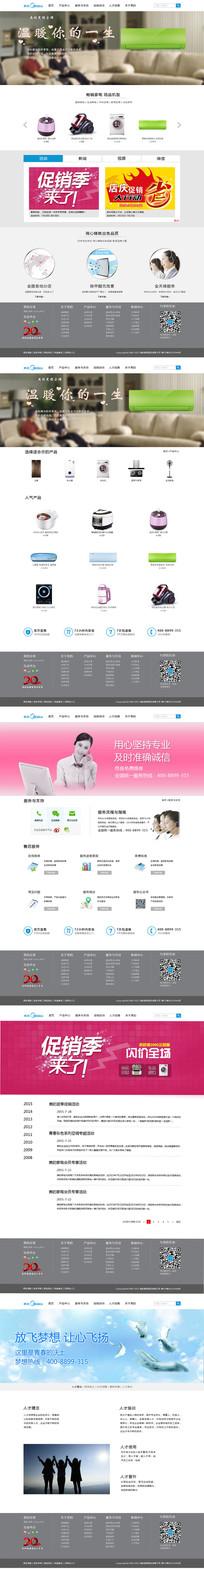 家电设计网站模版